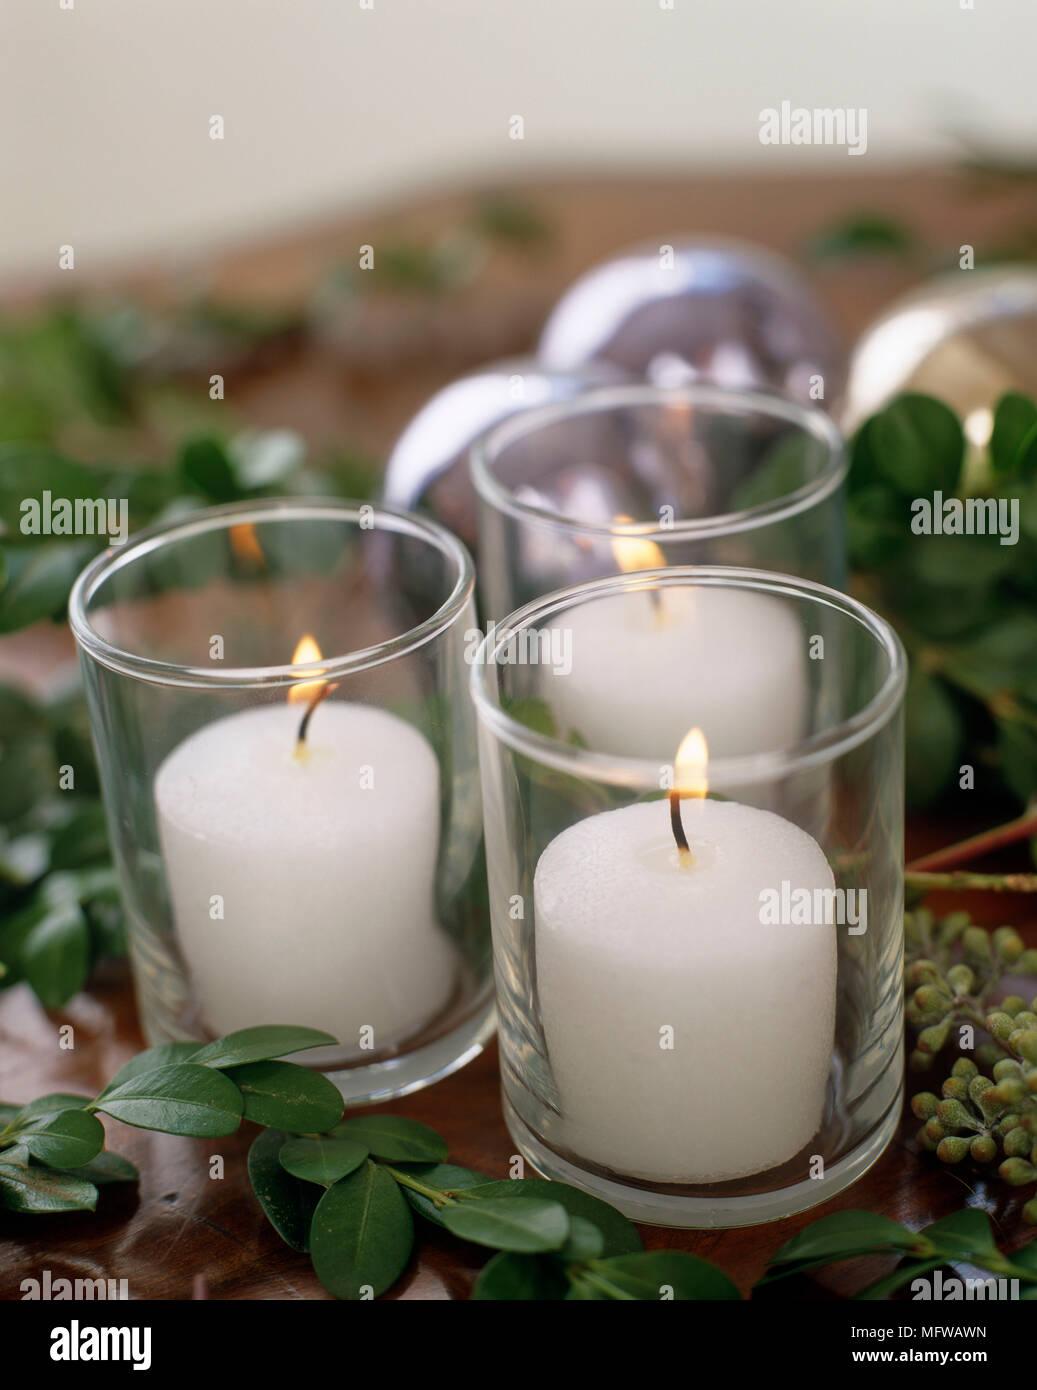 Einzelne Christbaumkugeln.Kerzen Im Glas Kerzenhalter Mit Christbaumkugeln Hinter